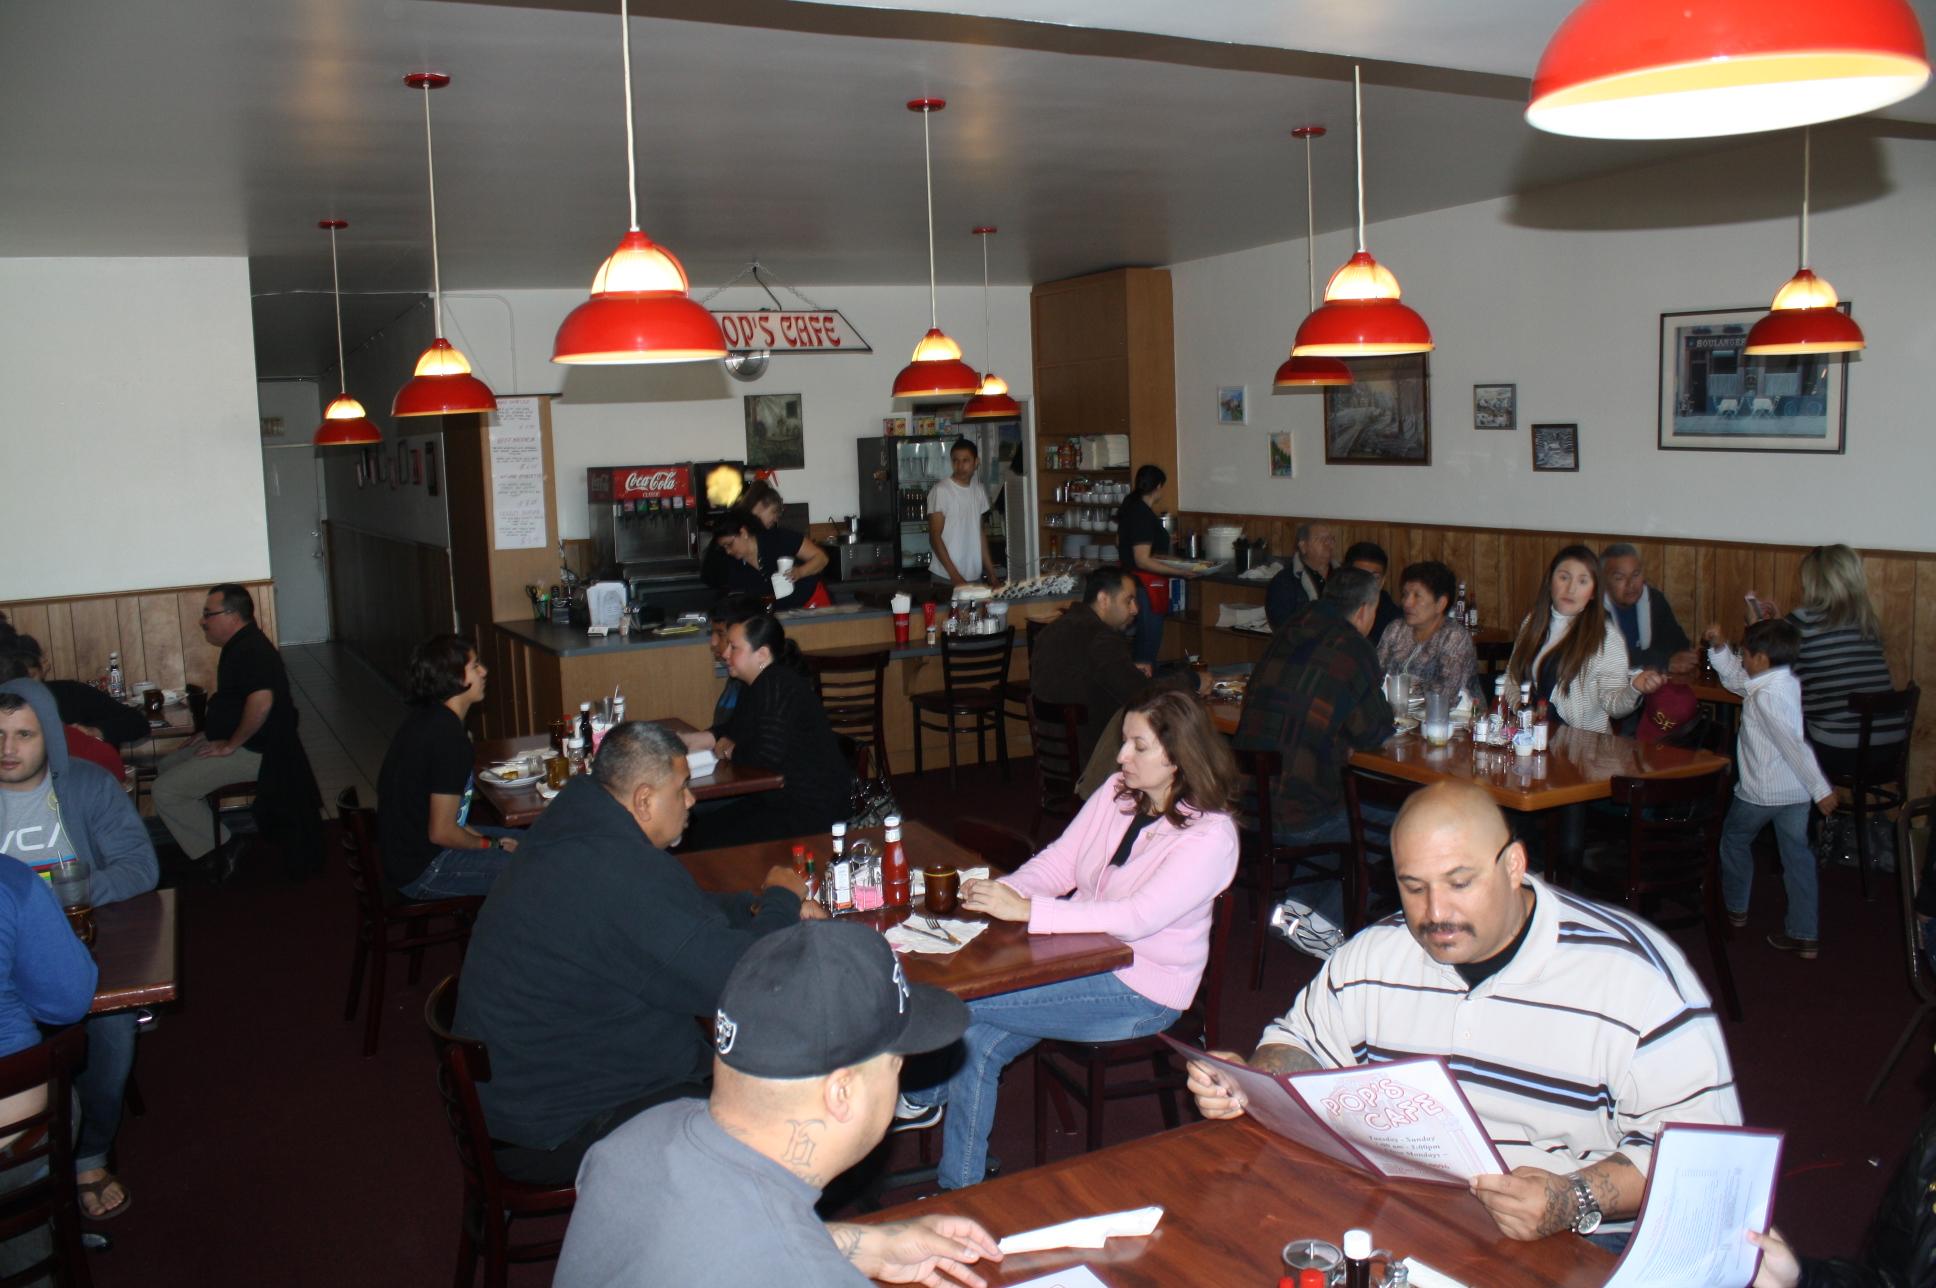 El ambiente es totalmente acogedor y familiar en Pop's Cafe. (Foto de Agustín Durán/El Pasajero).